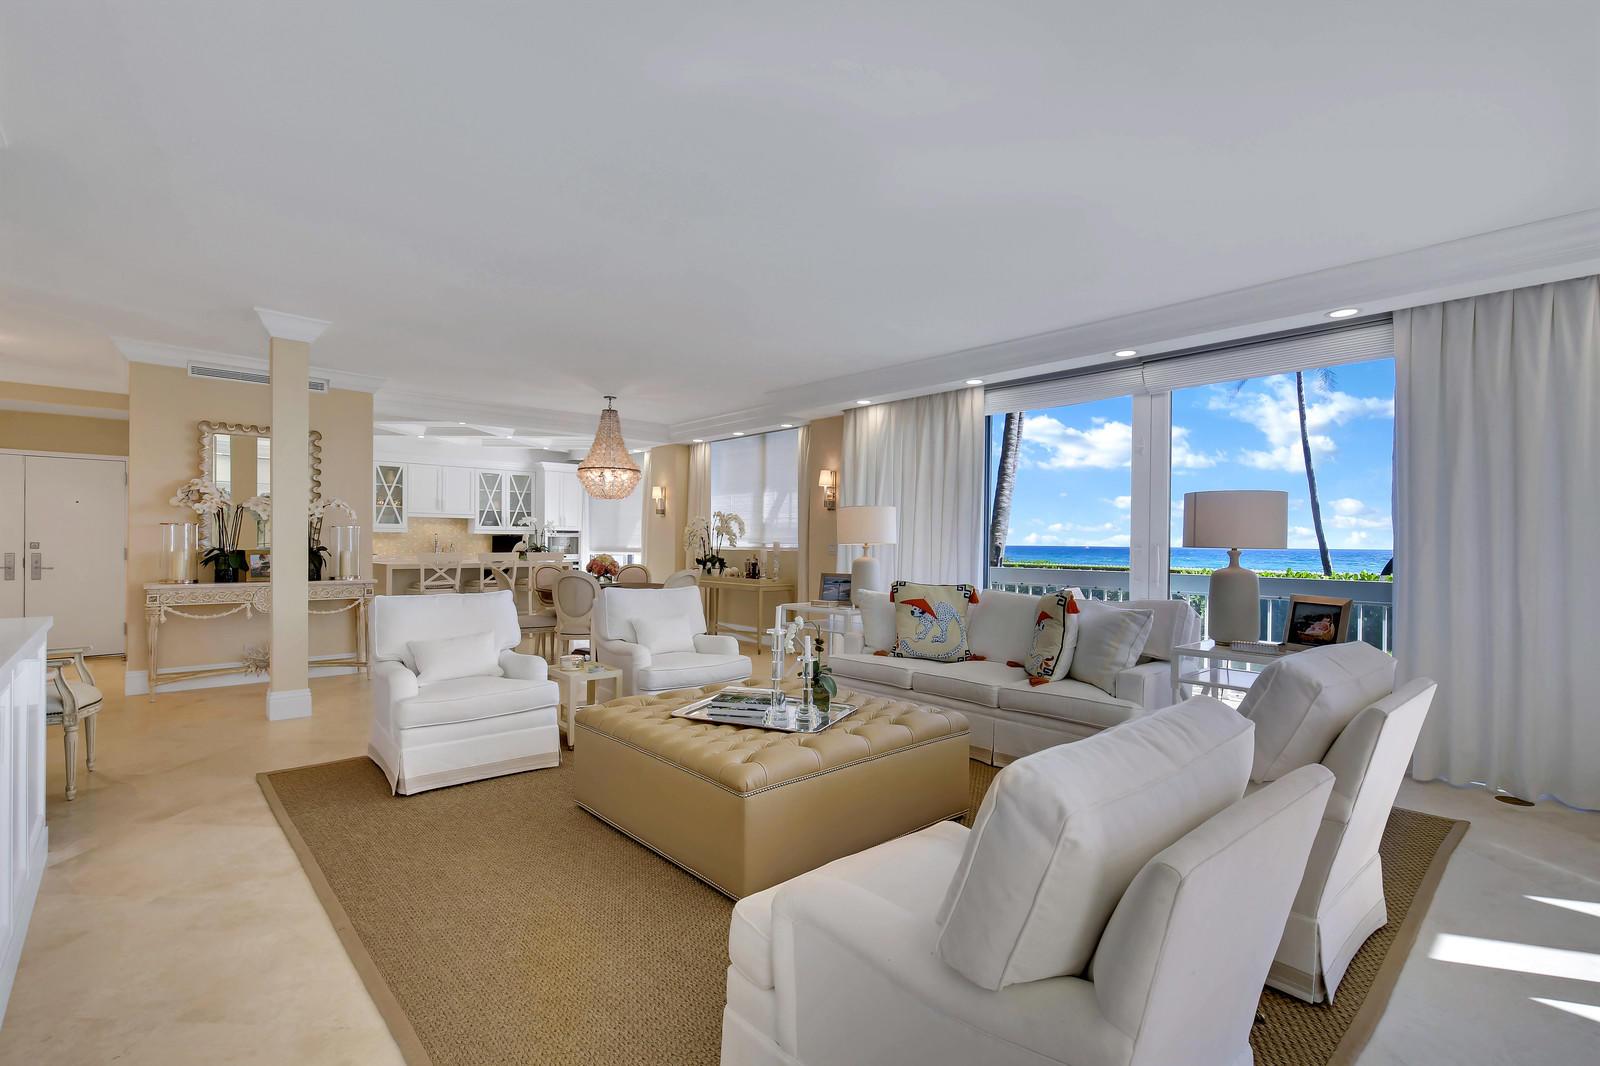 330 Ocean Boulevard, Palm Beach, Florida 33480, 3 Bedrooms Bedrooms, ,3.1 BathroomsBathrooms,Condo/Coop,For Sale,Ocean,1,RX-10474786